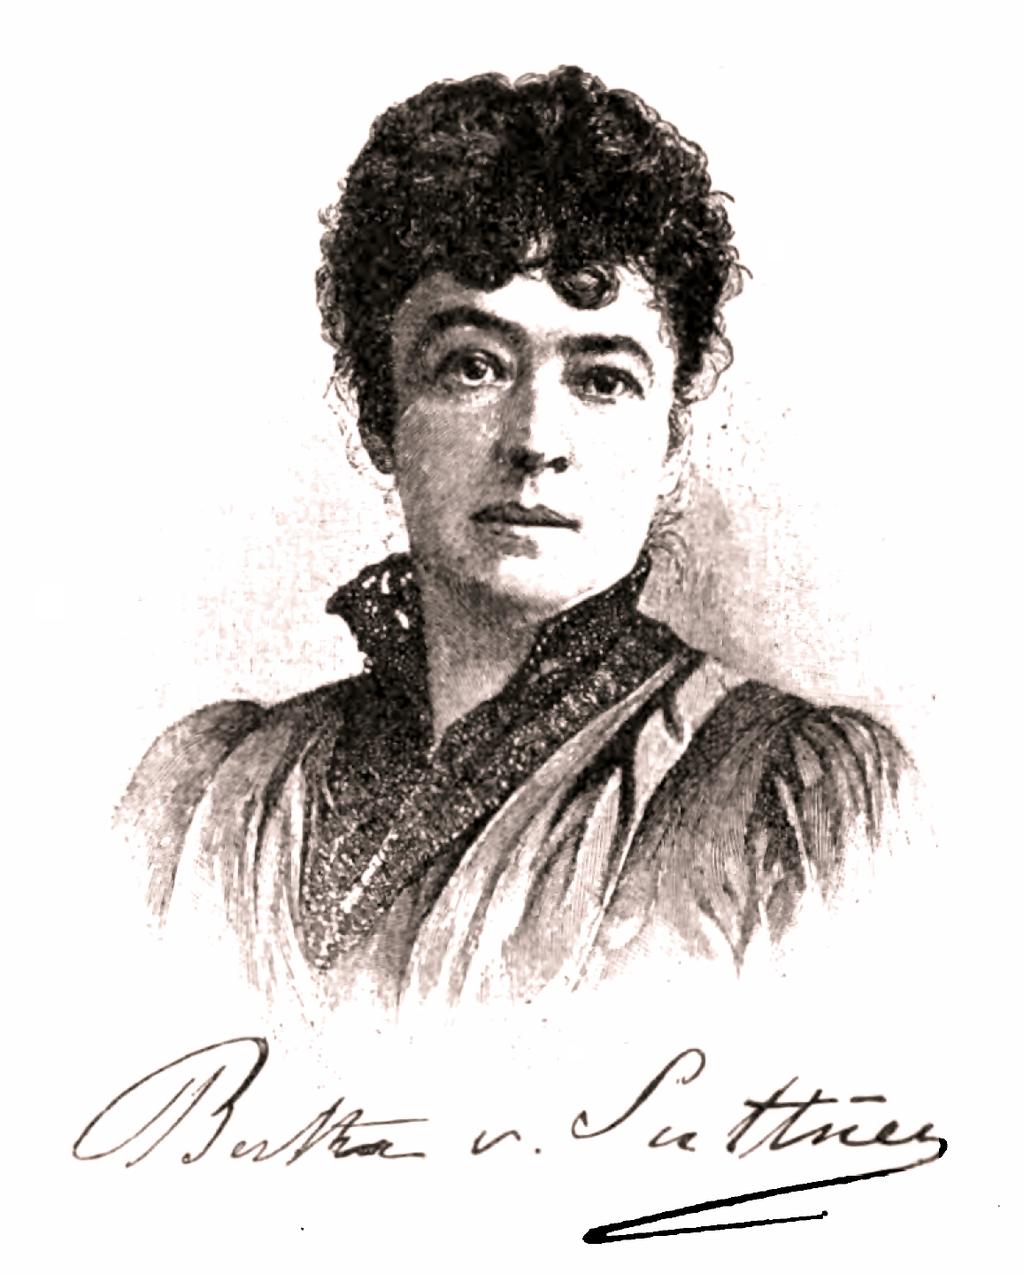 Bertha von Suttner leta 1896.